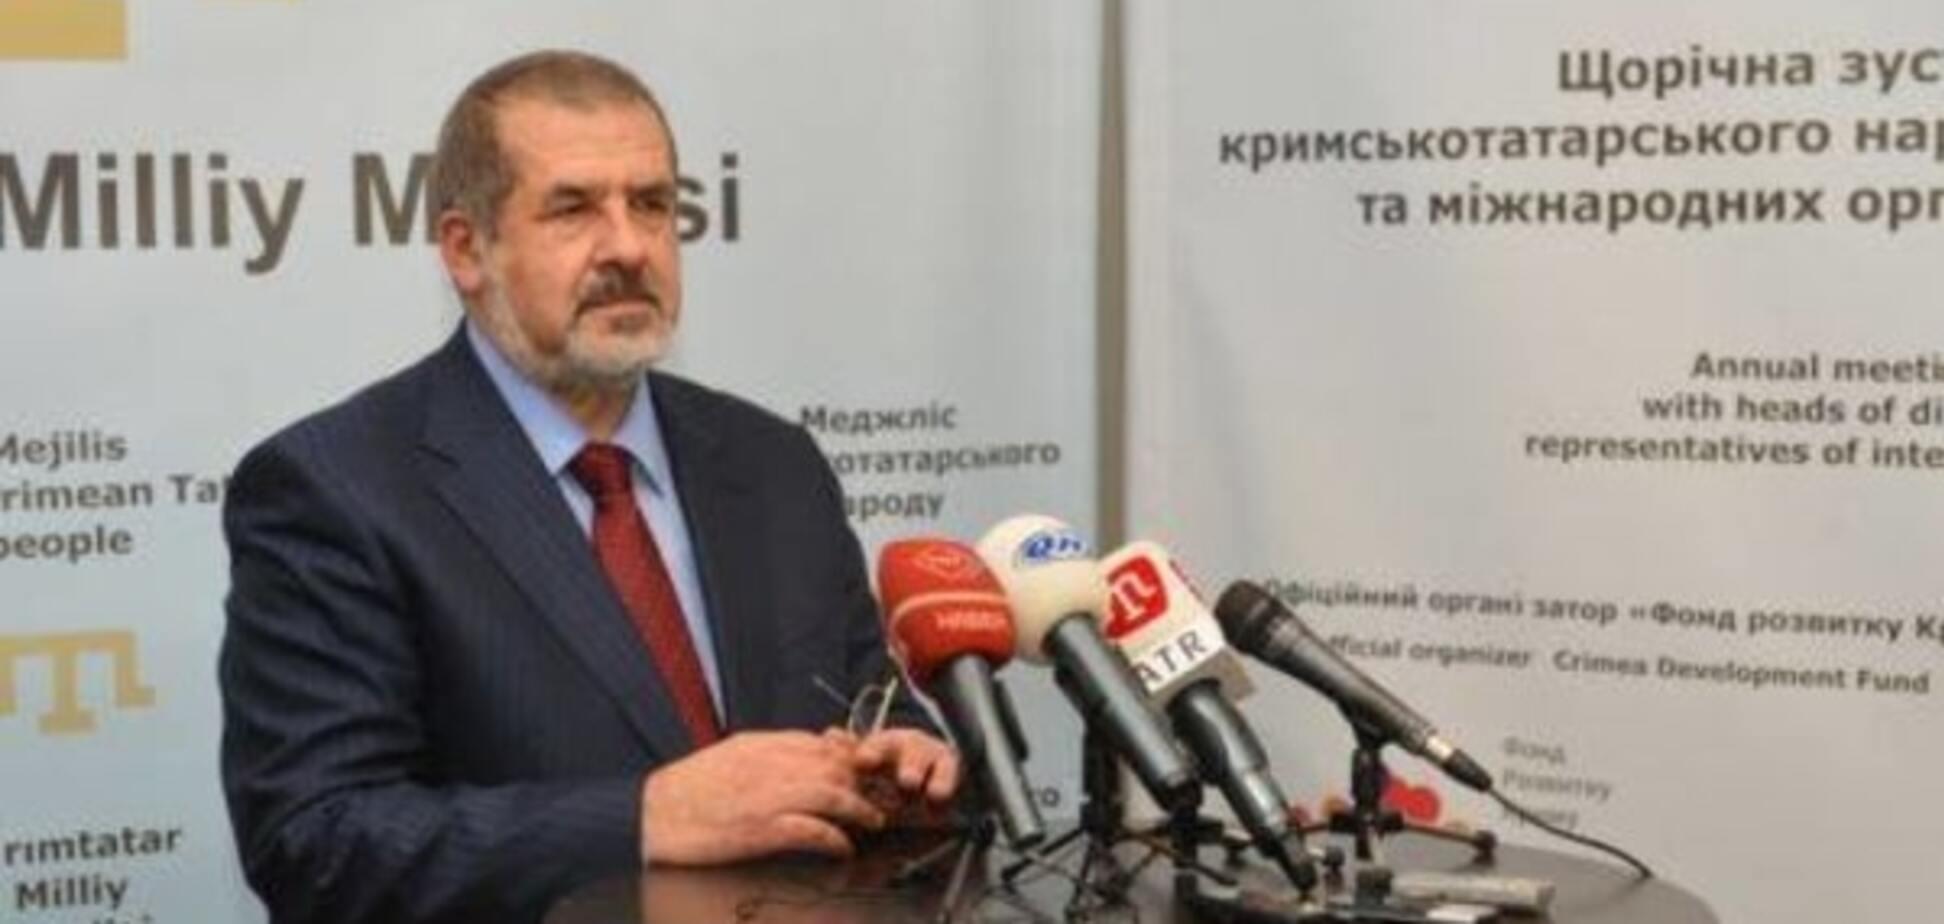 Чубаров назвал дату, когда будет блокирована админграница с Крымом